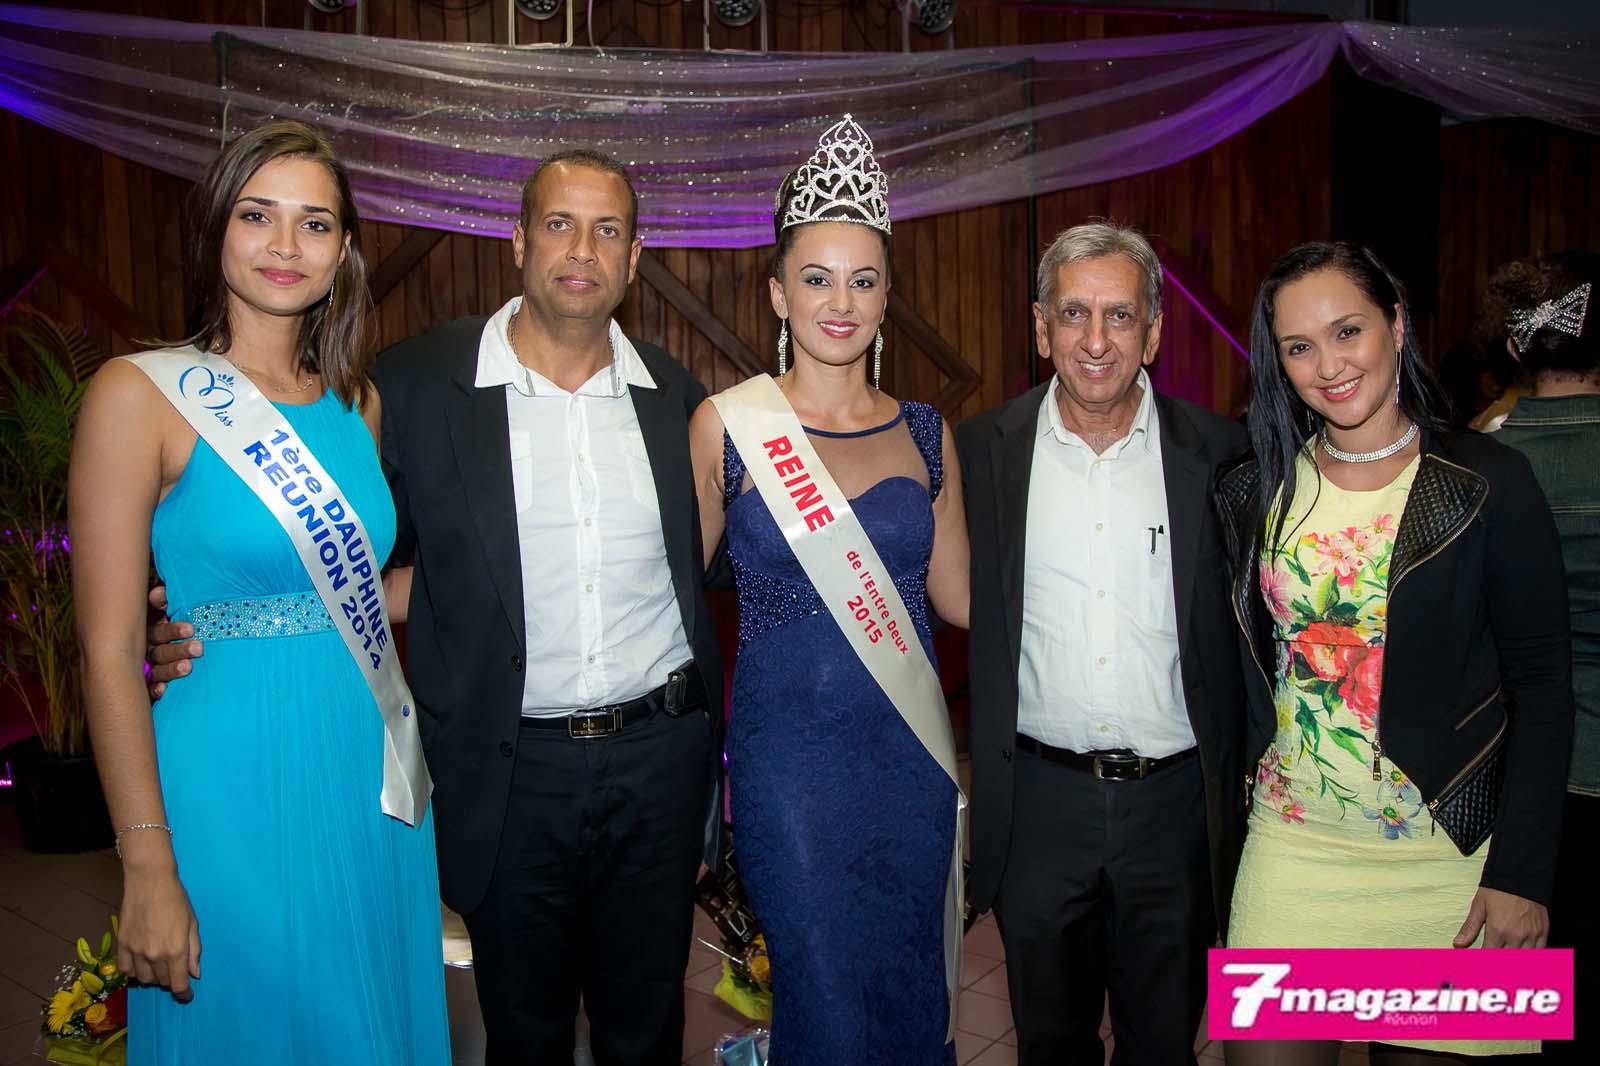 Tracy Vitry avec Anne-Gaëlle Laterrière, 1ère dauphine Miss Réunion 2014, Dominique Grondin, directeur de l'OMAG, Aziz Patel du Comité Miss Réunion, et la compagne de Dominique